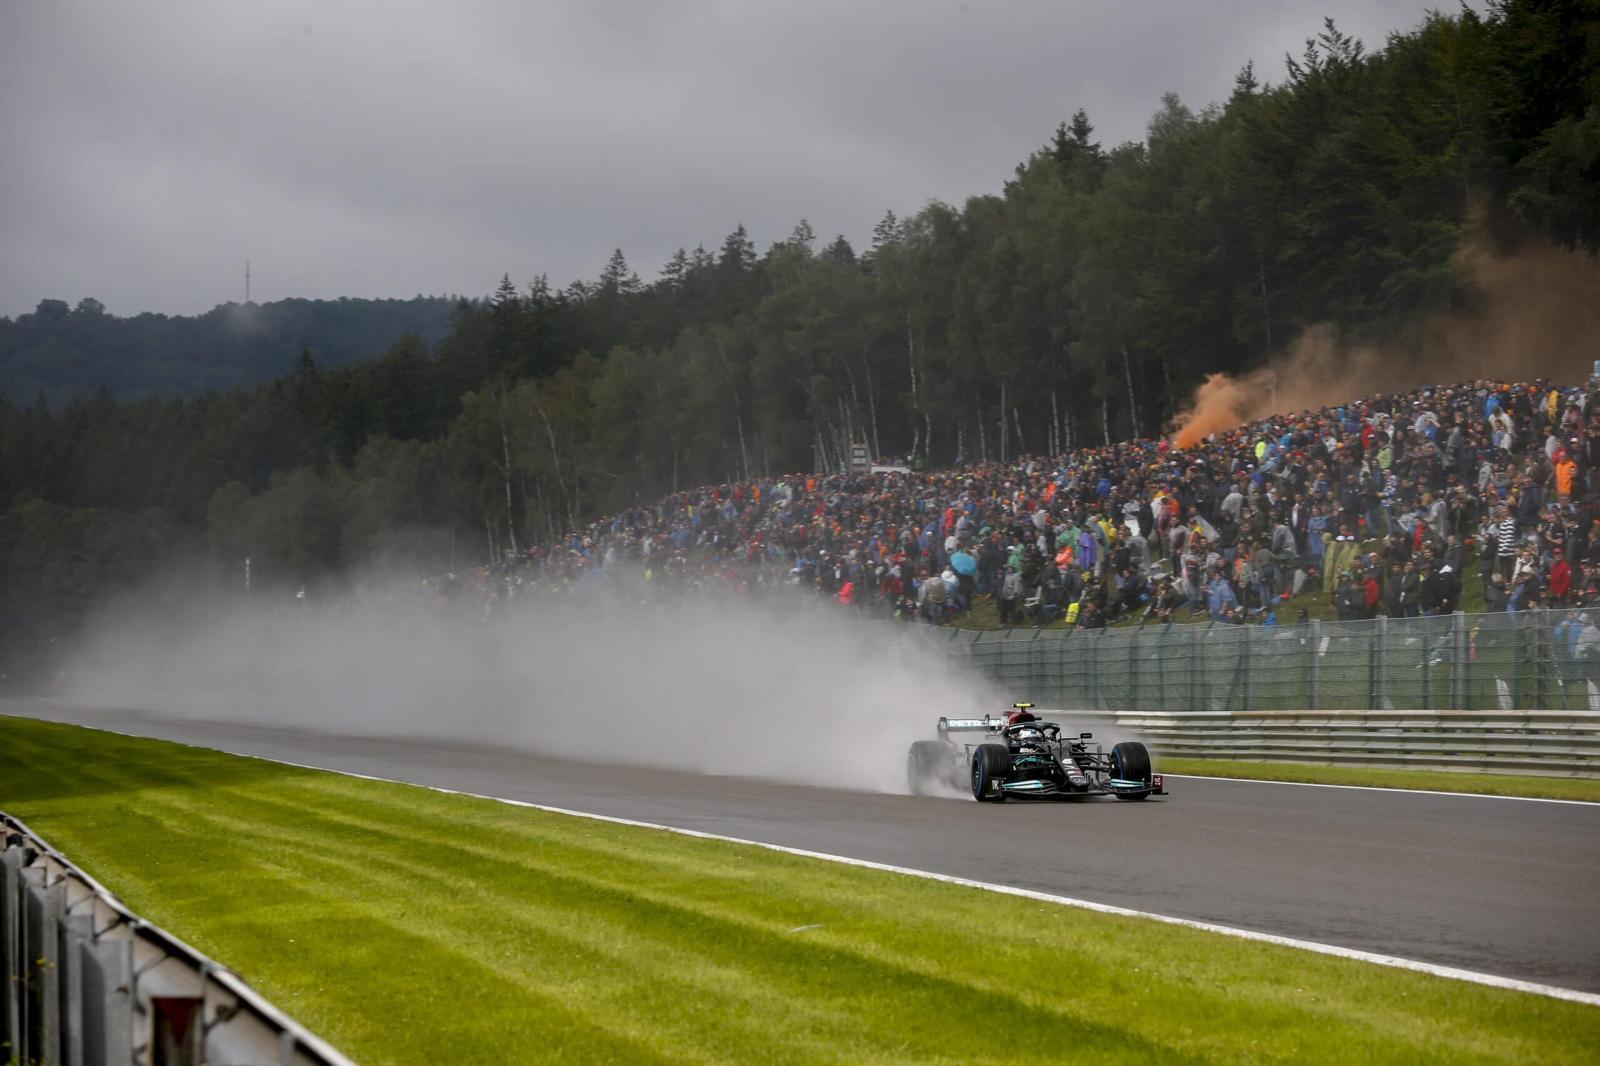 Com chuva e forte batida de Norris, Verstappen crava a pole no GP da Bélgica